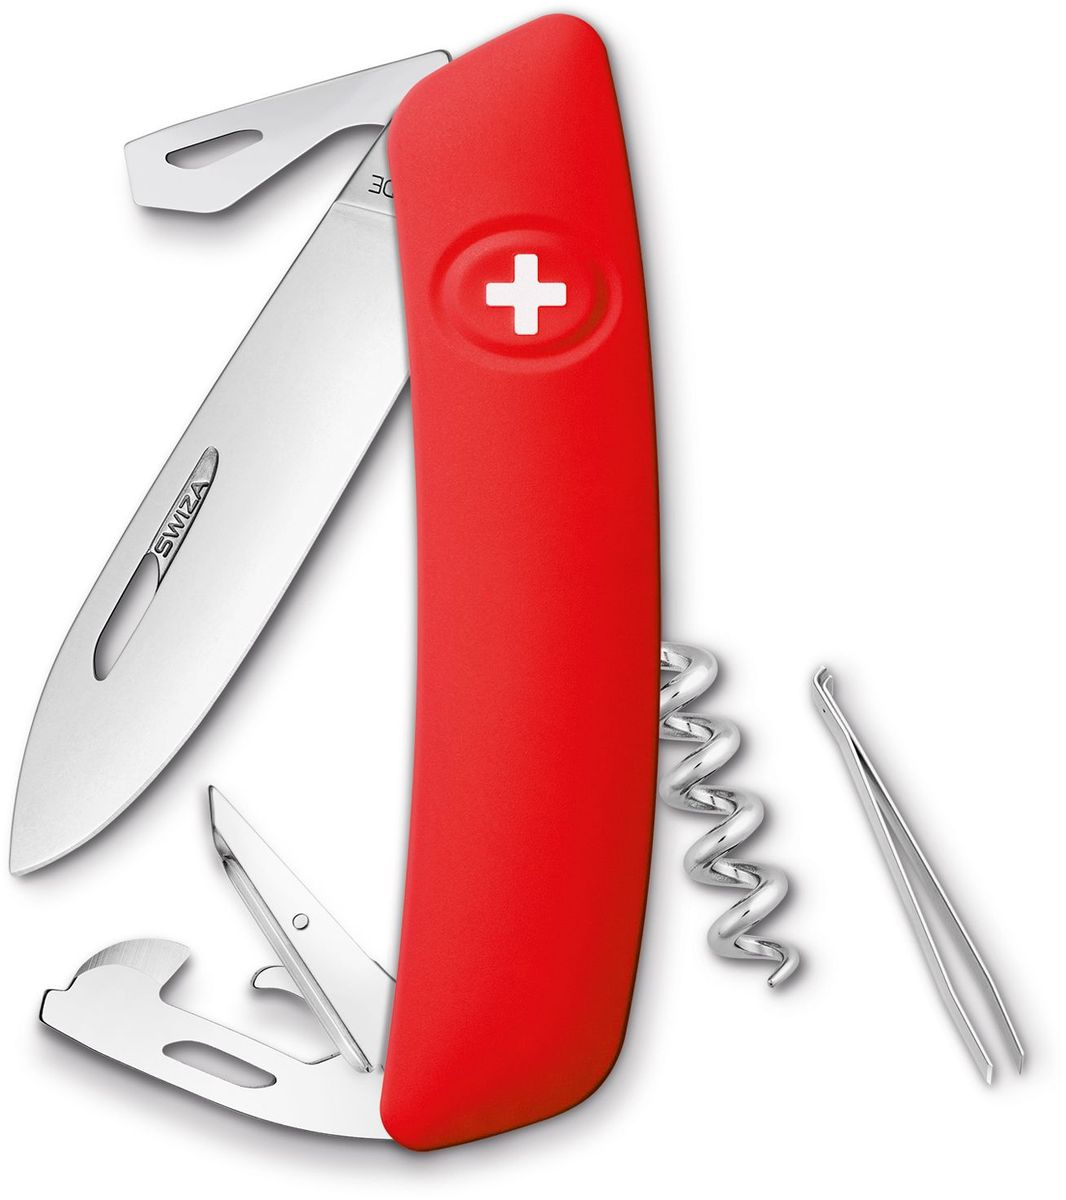 Нож швейцарский SWIZA D03, цвет: красный, длина клинка 7,5 смKNI.0030.1000Швейцарский нож (SWIZA D03) с его революционной формой и безопасной рукояткой, легко раскладываемой ручкой - самый удобный и простой в использовании швейцарский нож на все времена. Эргономично изогнутая форма ножа обеспечивает более легкий доступ к инструментам, а пазы позволяют легко их открывать, как левой, так и правой рукой.1. нож перочинный, 2.Штопор, 3. ример/дырокол 4. шило, 5. безопасная блокировка лезвий, 6. пинцет 7. консервный нож, 8 Wire Bender (для проволоки), 9 Отвертка №1, 10. Отвертка №3, 11. Открывалка для бутылок